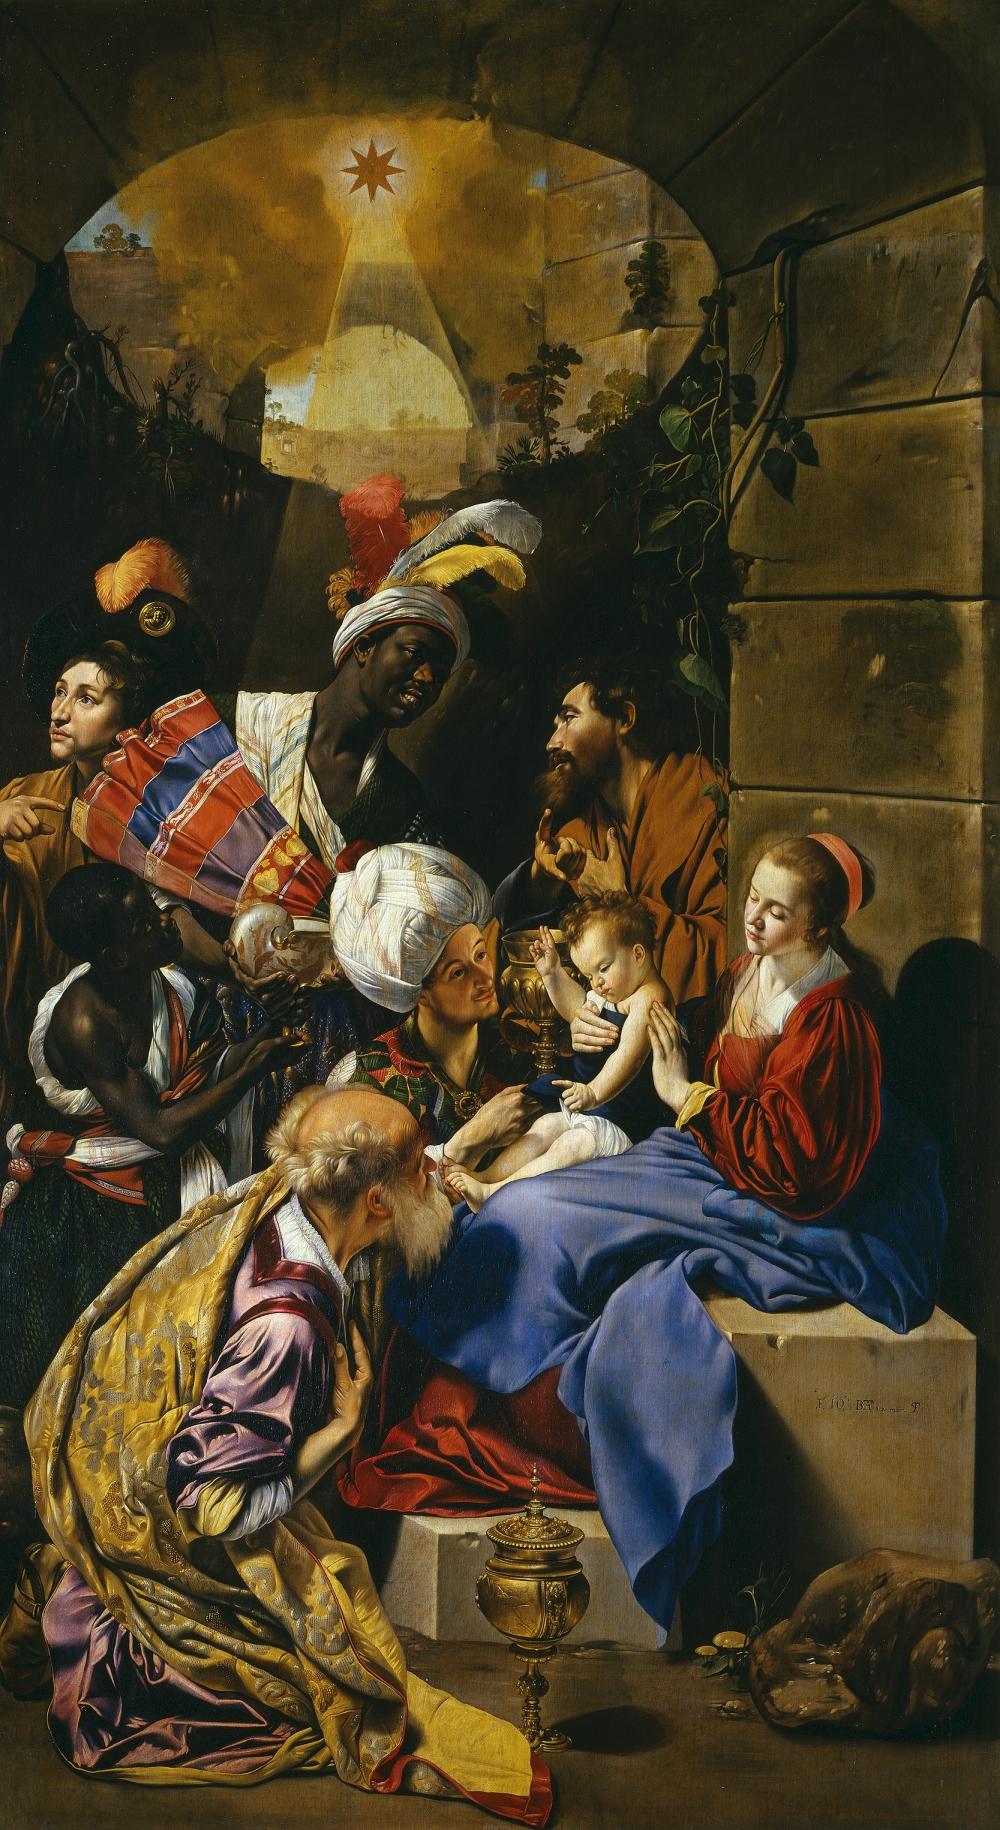 Juan Bautista Maino. Adoración de los Reyes Magos. 1612:14. Detalle. Museo del Prado. Madrid